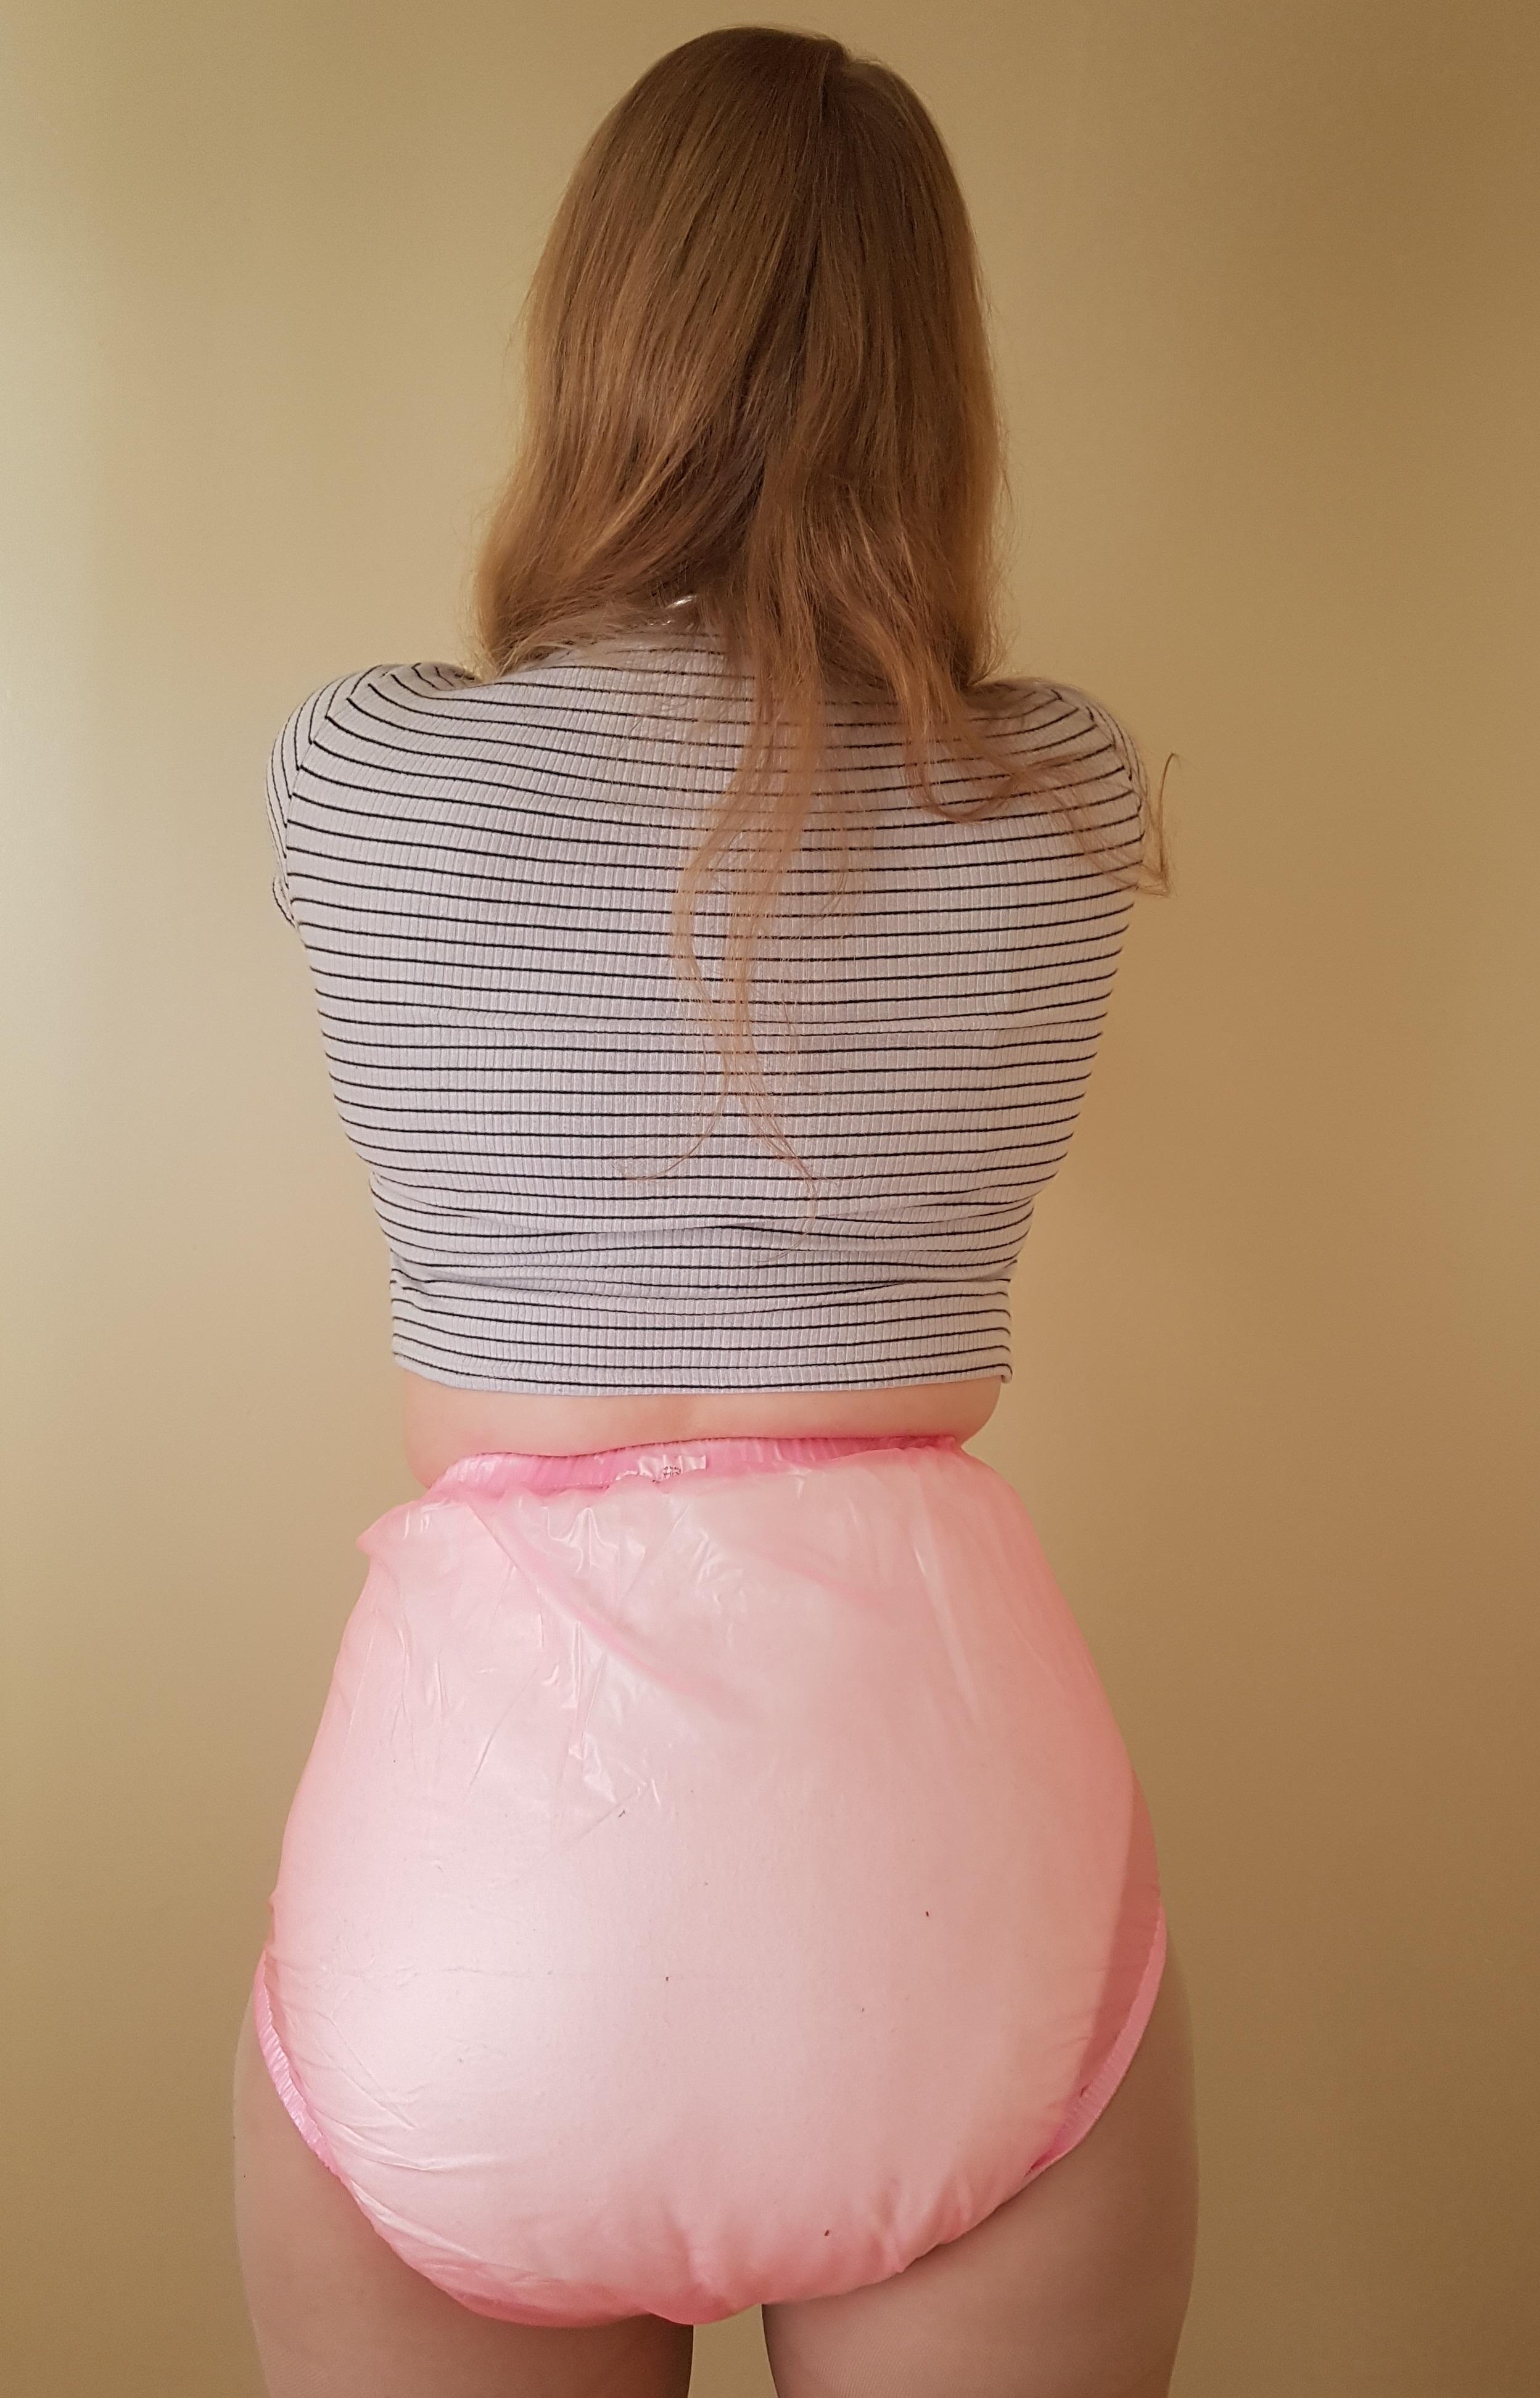 women in plastic pants pictures